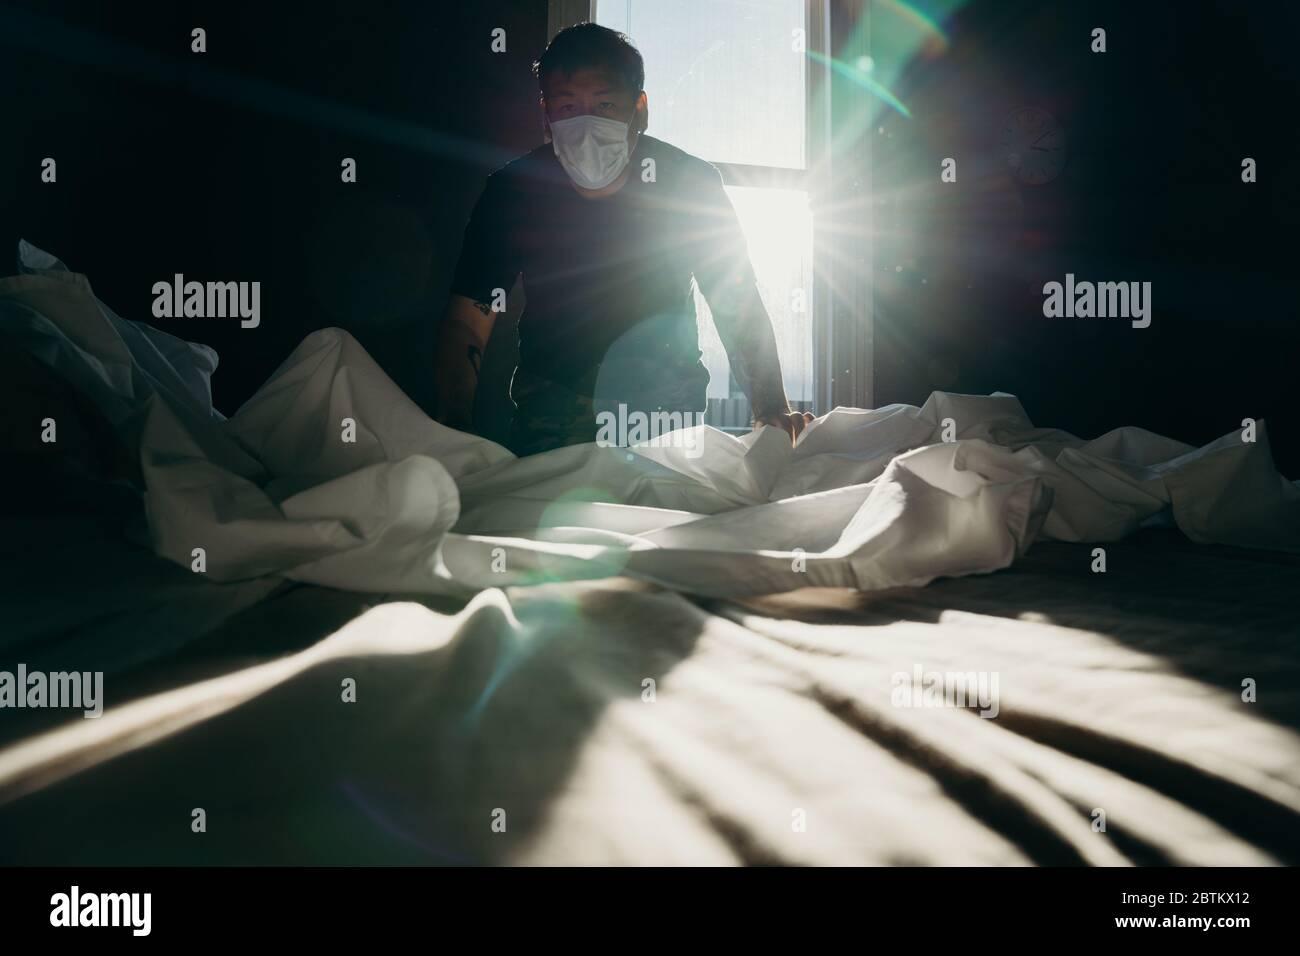 Asiatischer Mann putzt Bett am Morgen. Das Haus hält aktiv. Schlafzimmer hat das Sonnenlicht. Stockfoto